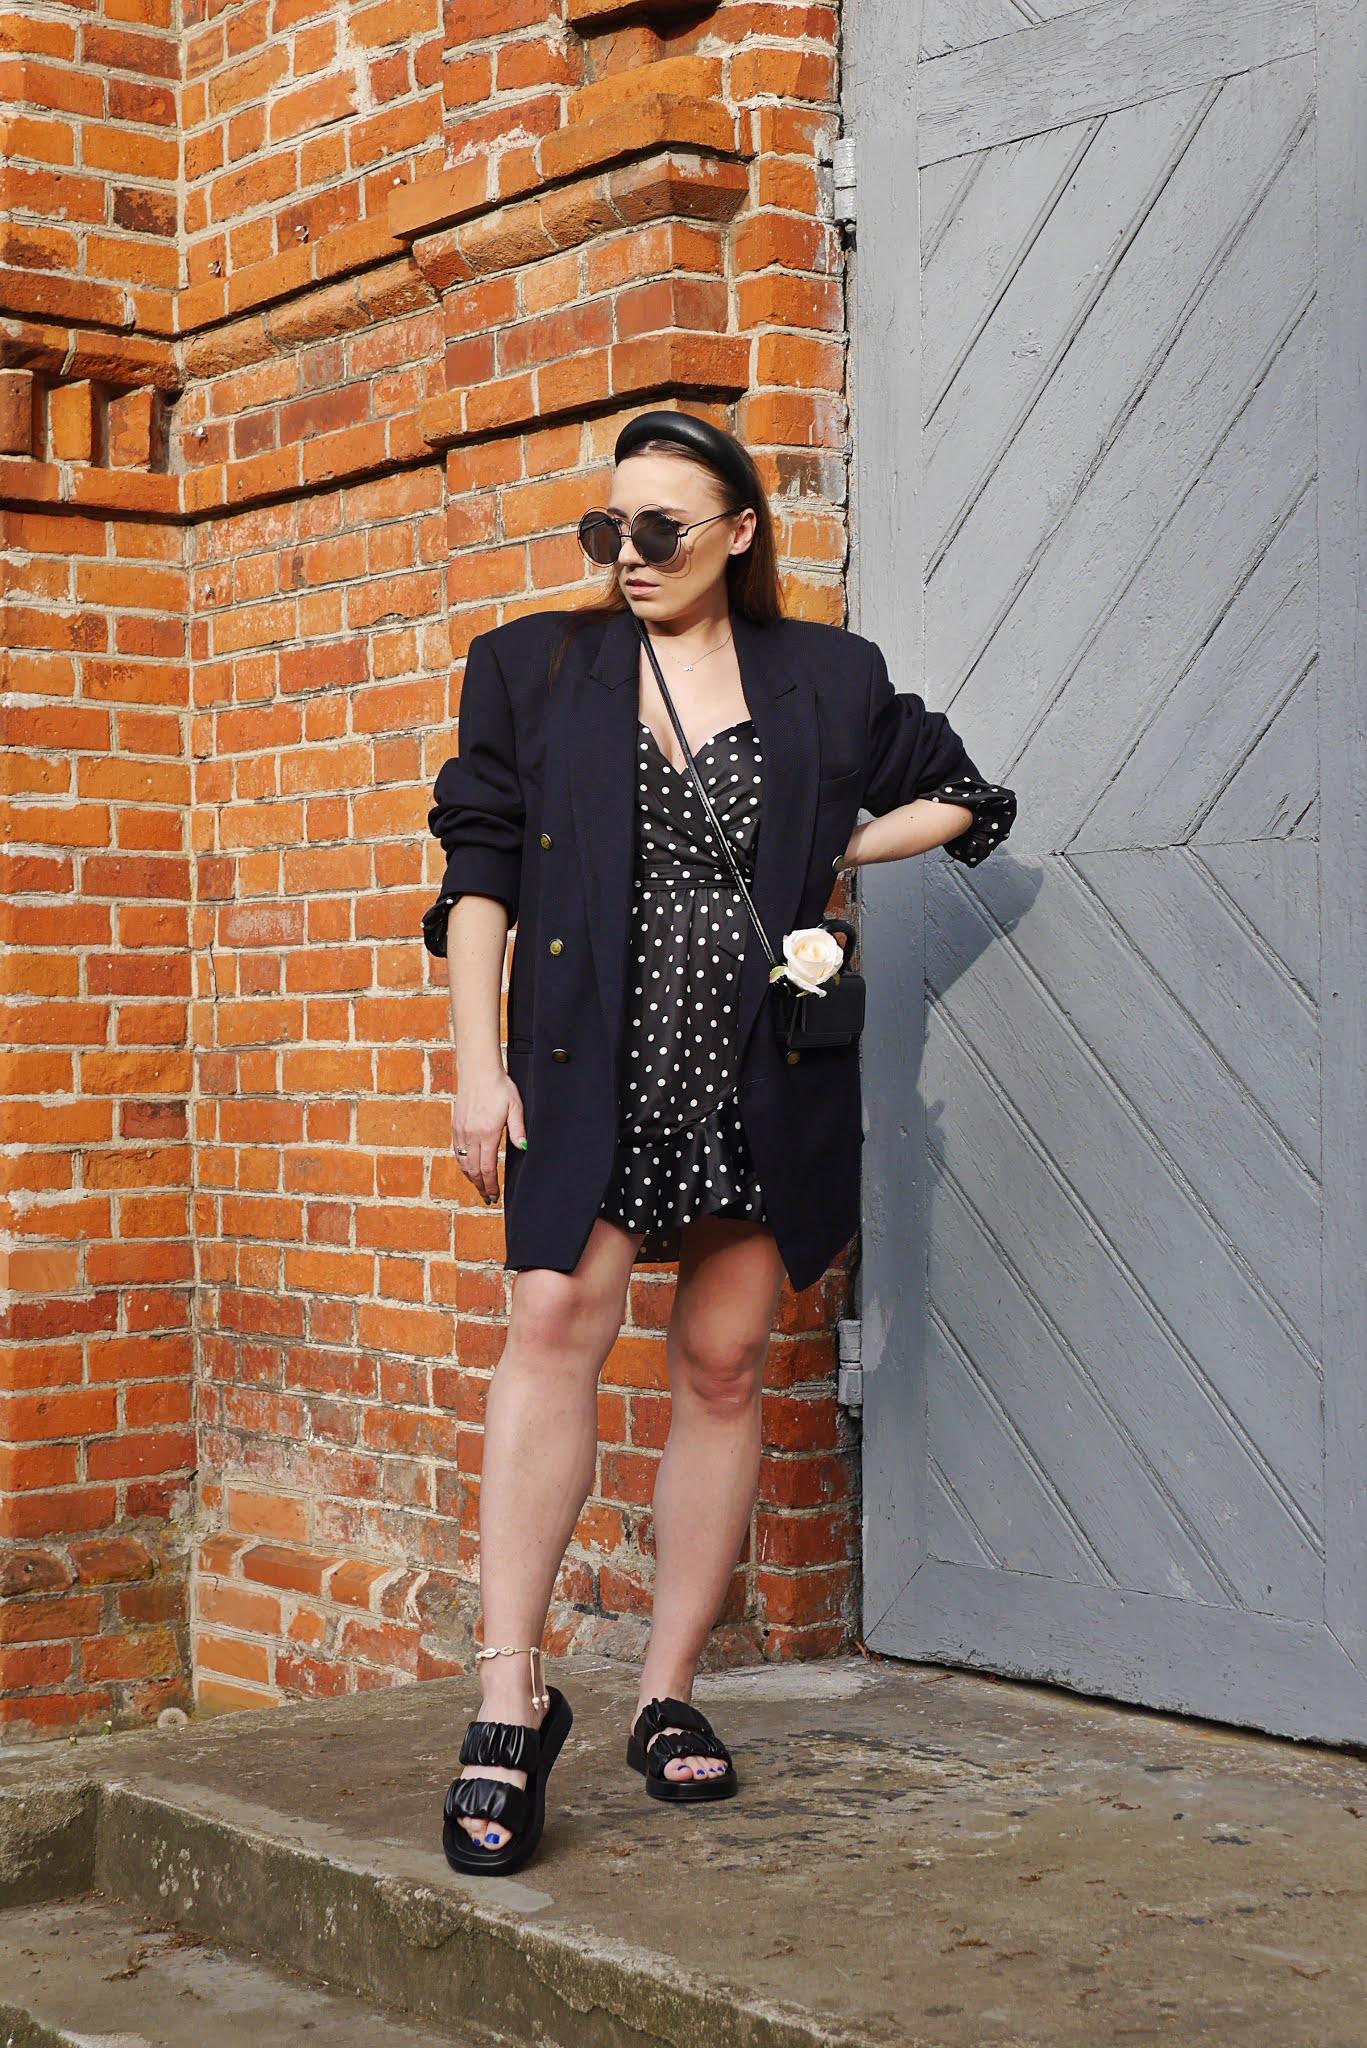 blog modowy blogerka modowa karyn puławy sukienka w kropki femme luxe oversizowa marynarka giorgio armani duża opaska do włosów okulary klapki ccc mała torebka stylizacja letnia stylizacja +30 stylizacja ciążowa bransoletka z muszelek